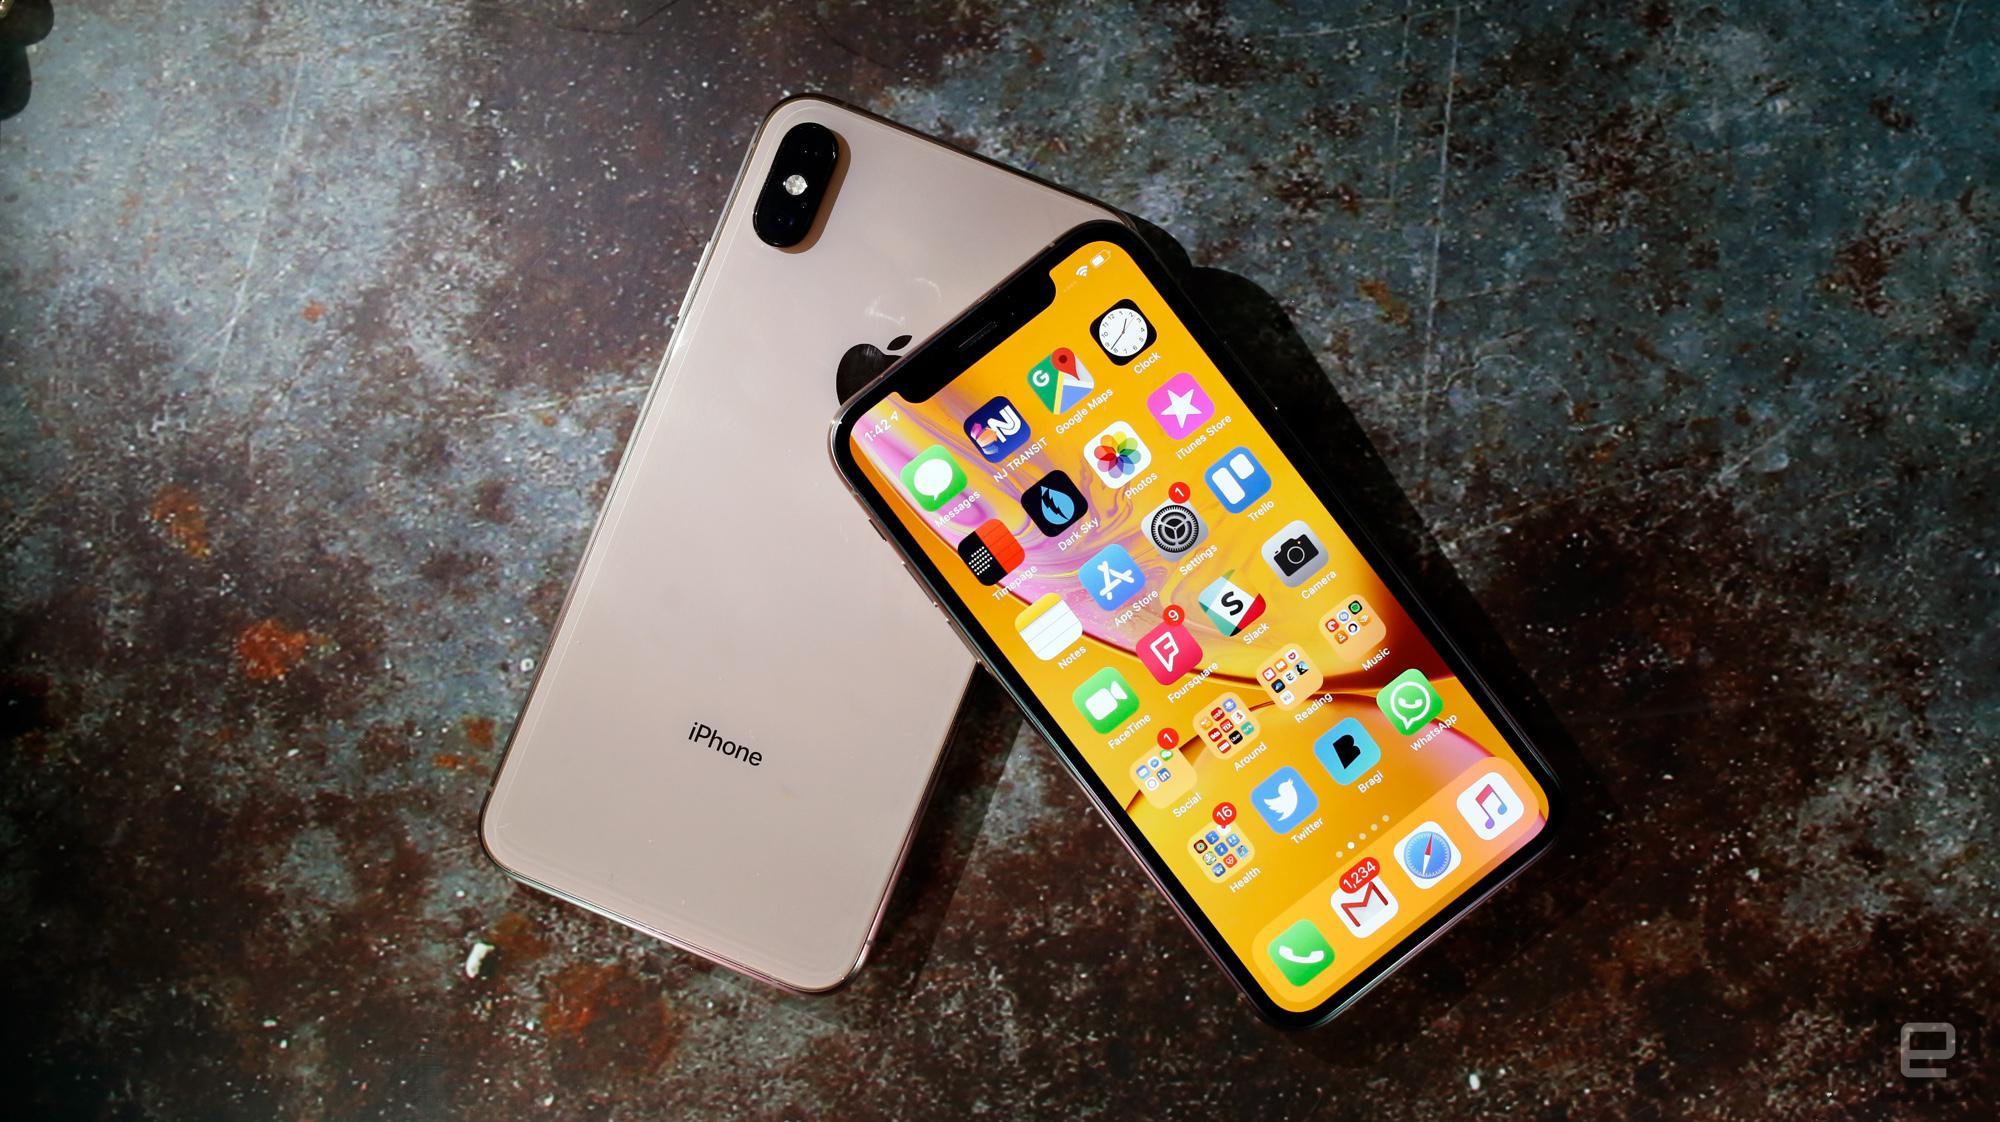 iPhone XS Max 64GB硬件成本只比iPhone X高20美元